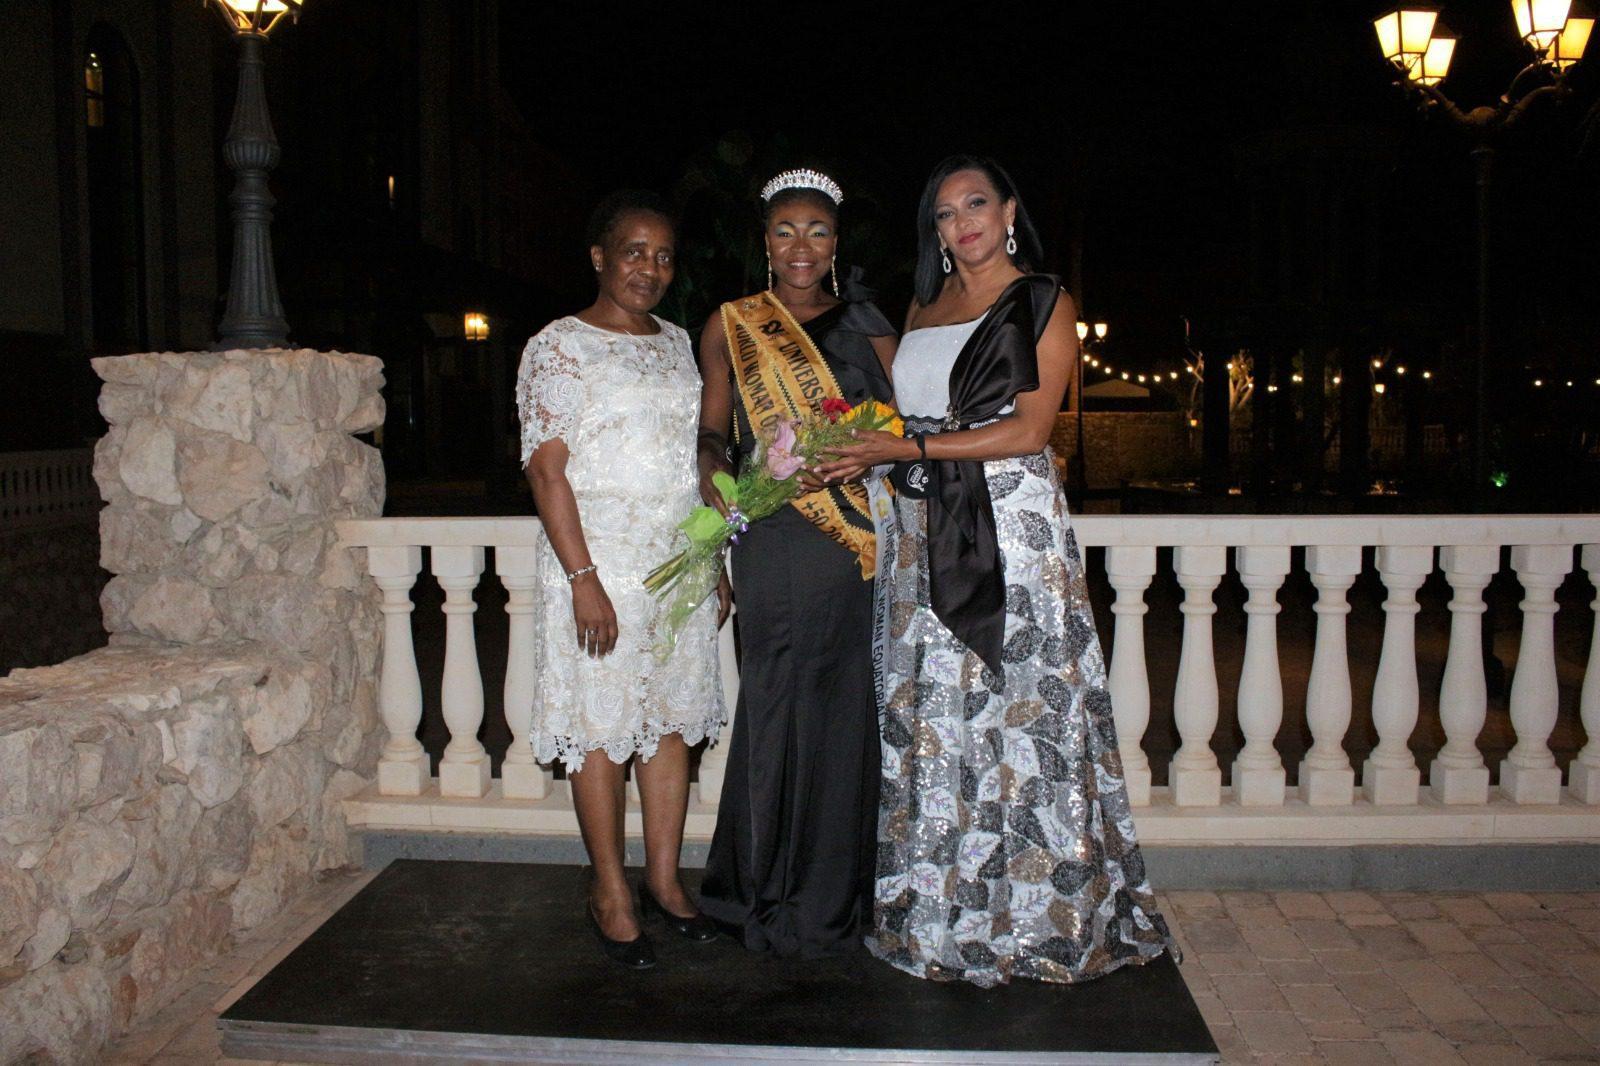 La ecuatoguineana Dorotea Mbengono Nguema triunfa en el Certamen Universal WOMAN OF THE YEAR 2021